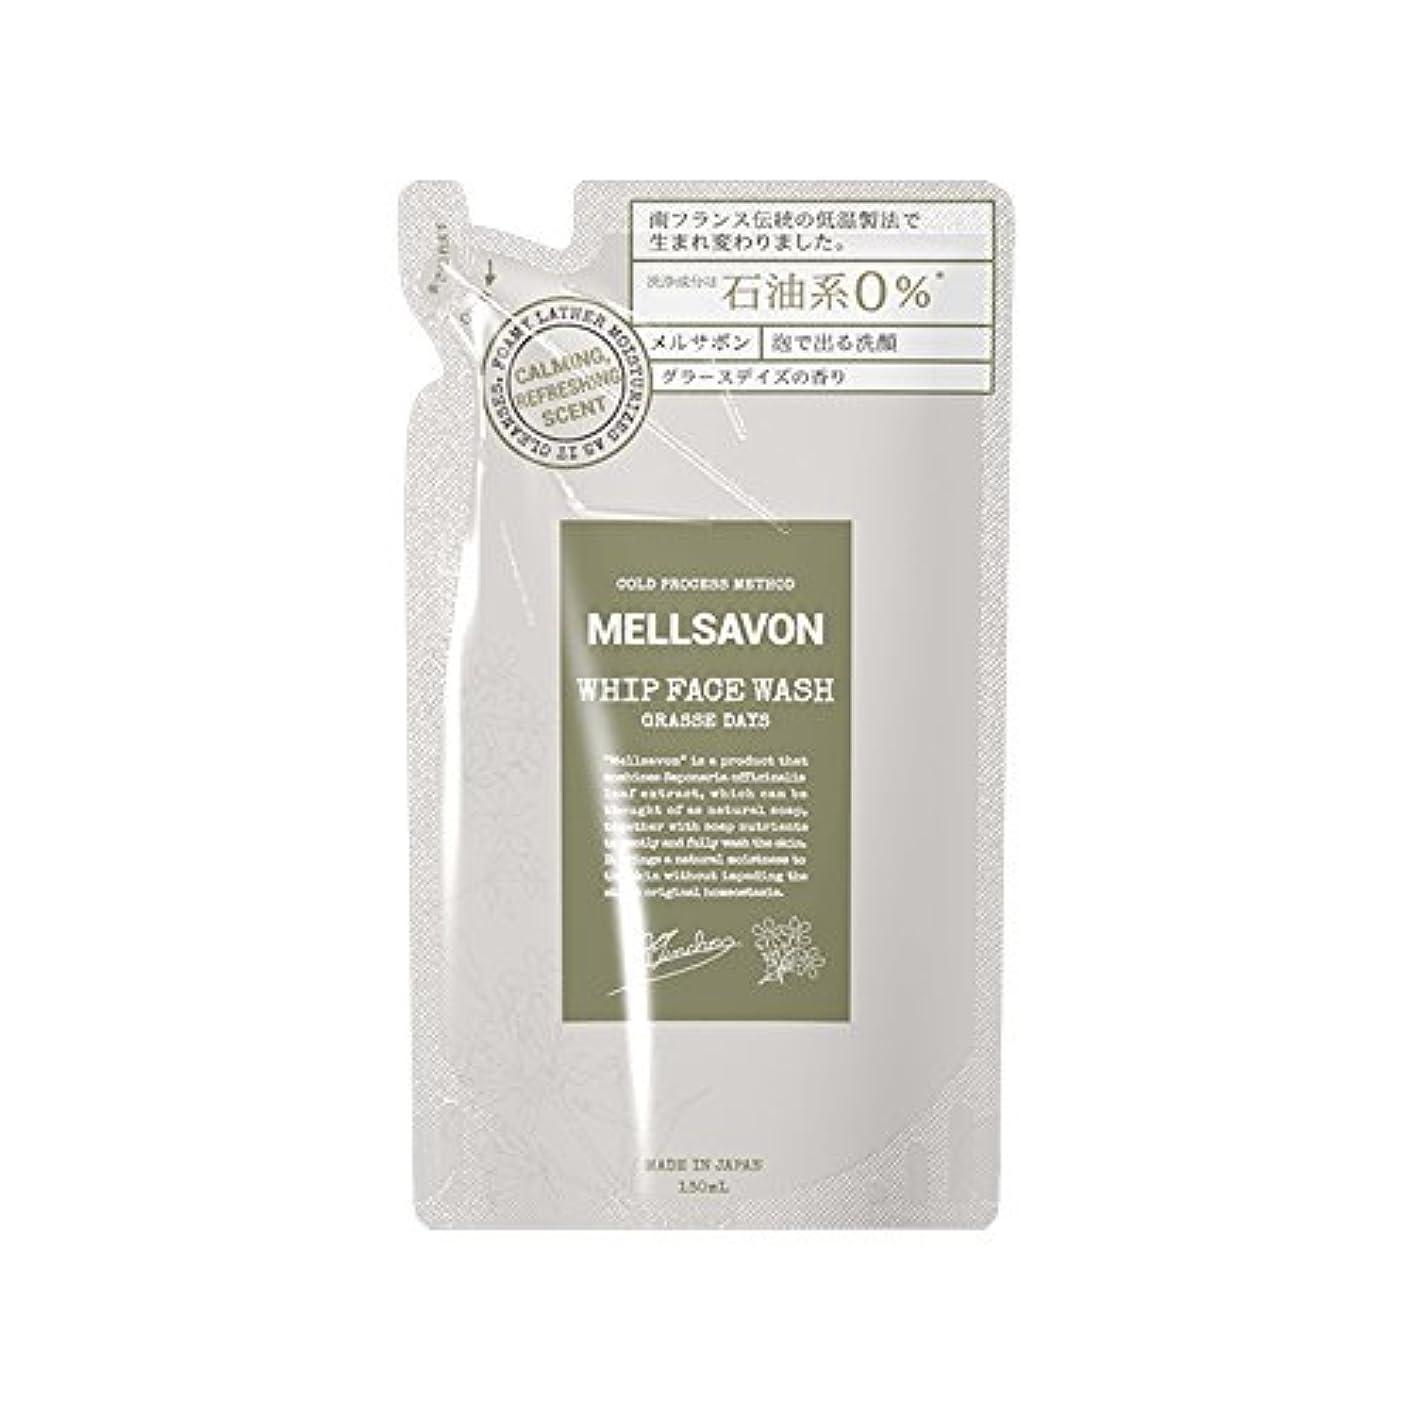 バスコテージウィスキーMellsavon(メルサボン) メルサボン ホイップフェイスウォッシュ グラースデイズ 詰替 130mL 洗顔